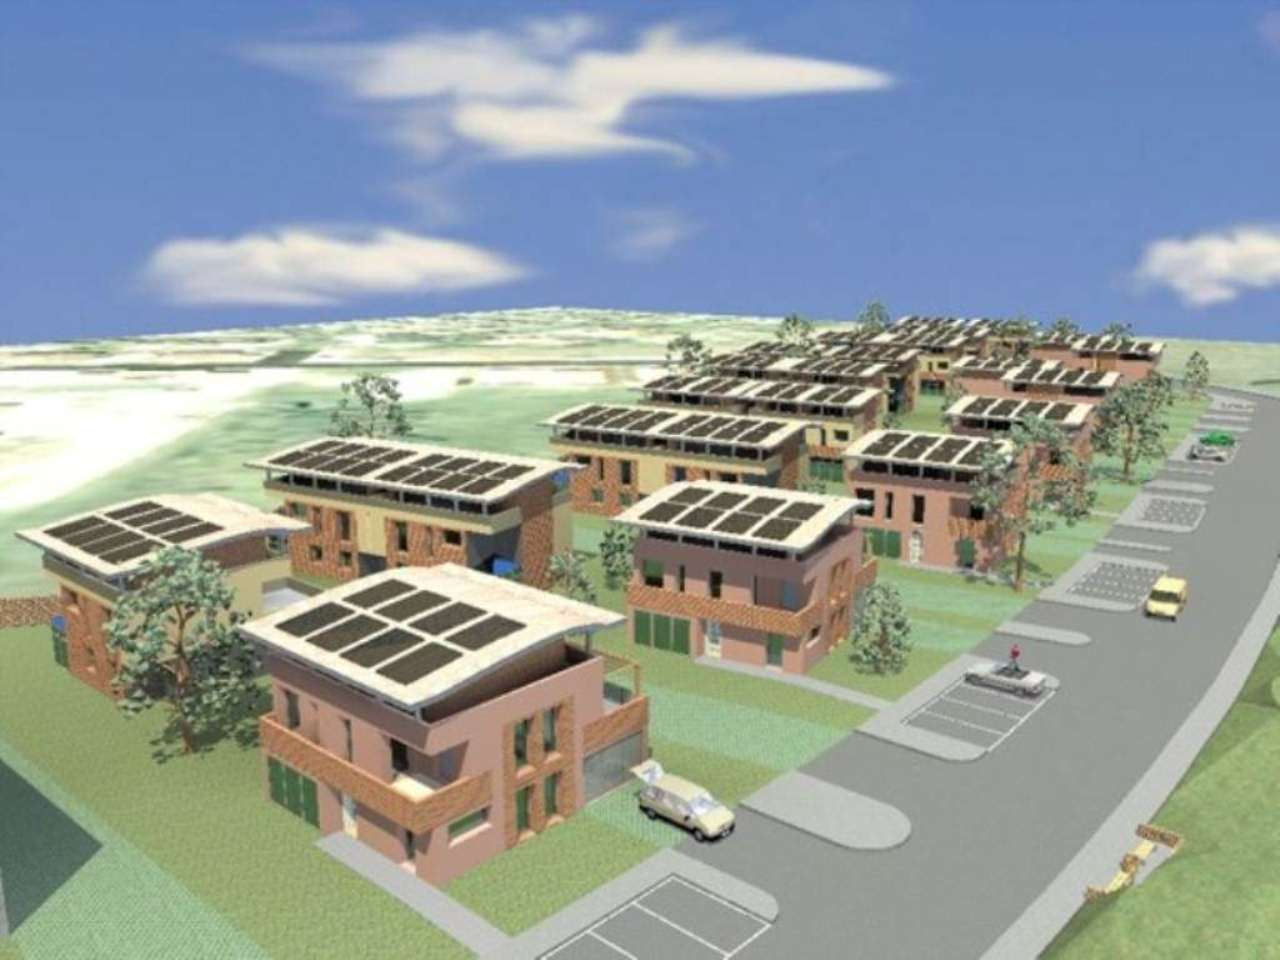 Terreno Edificabile Residenziale in vendita a Lodi, 9999 locali, Trattative riservate | CambioCasa.it